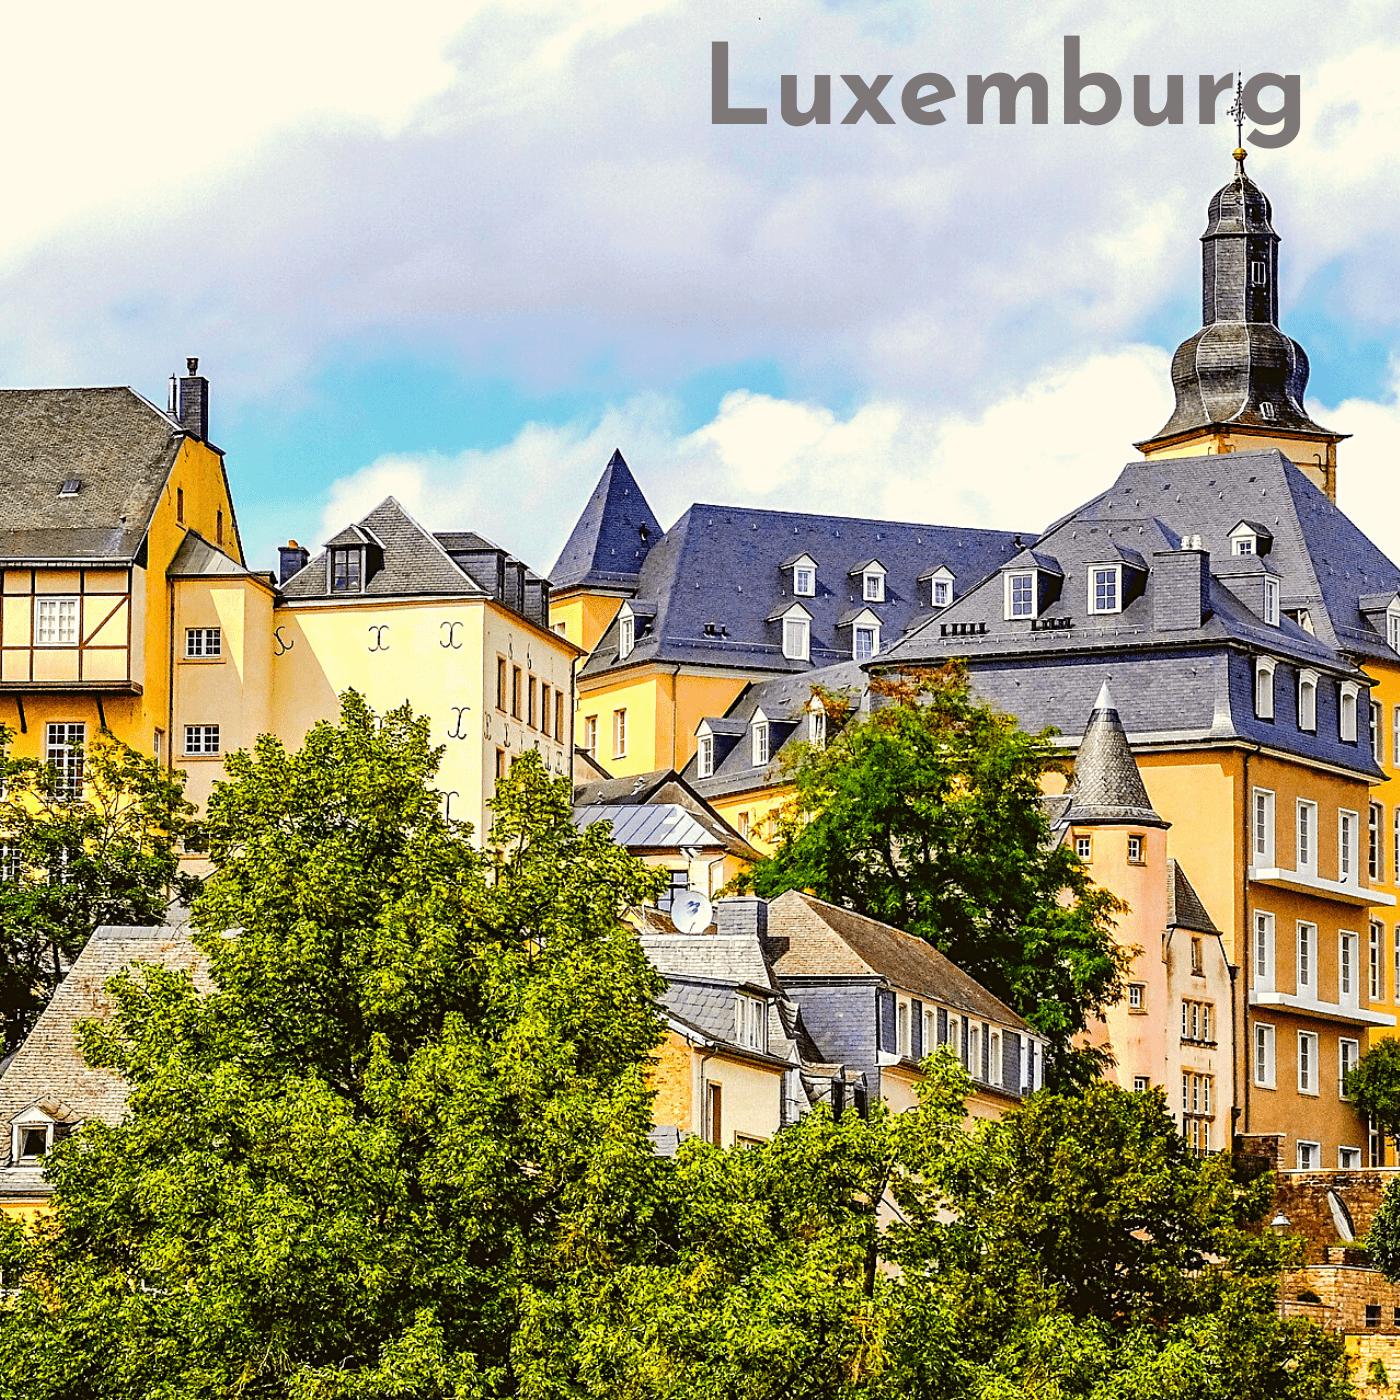 Luxemburg Bucket List